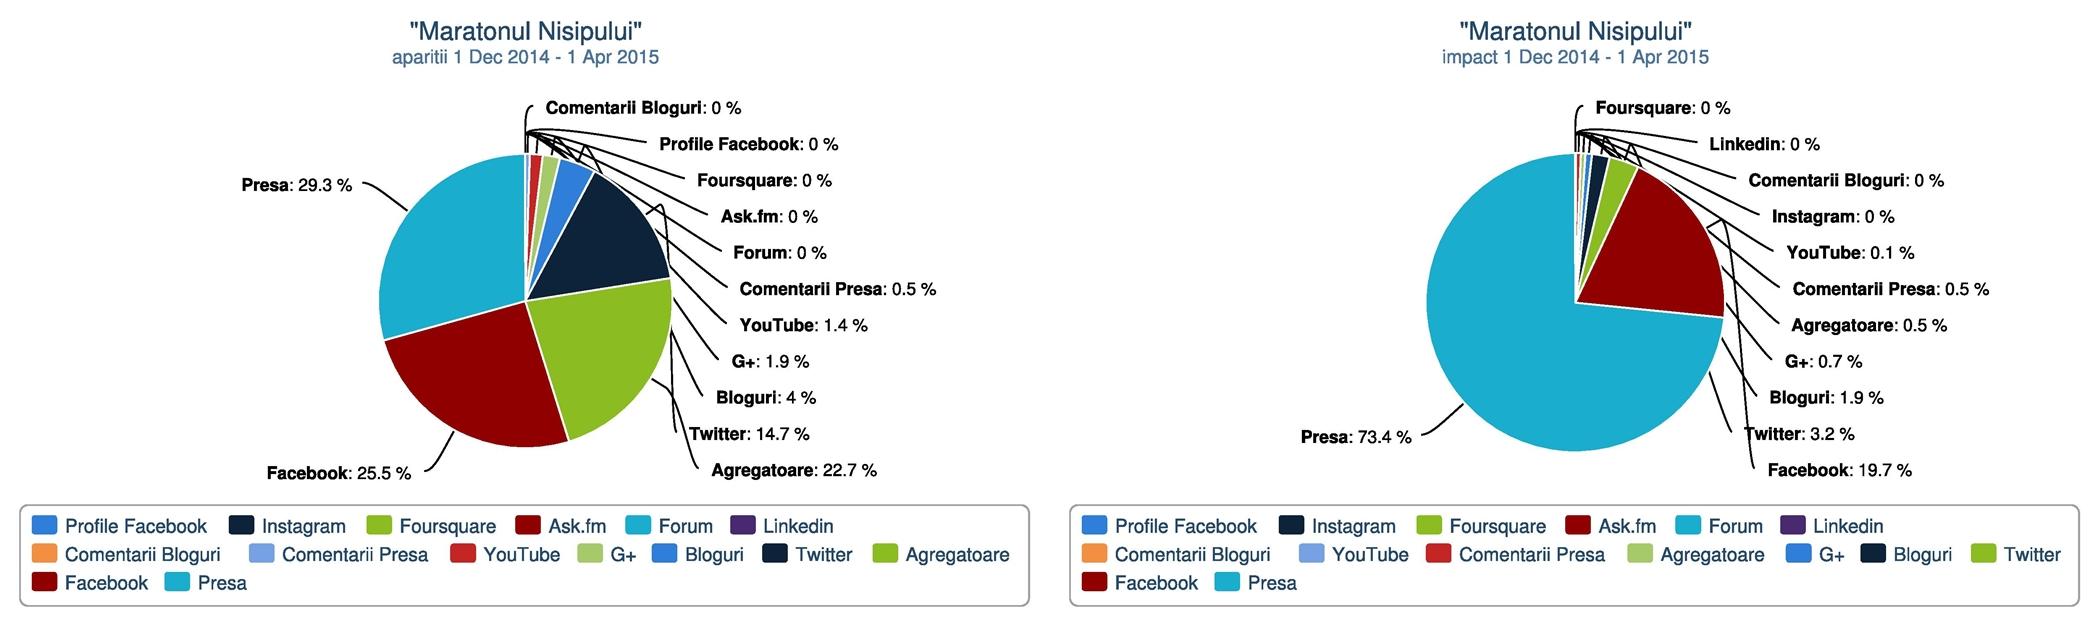 Grafice privind aparitiile mediatice in functie de canalul de comunicare, respectiv impactul in functie de canal